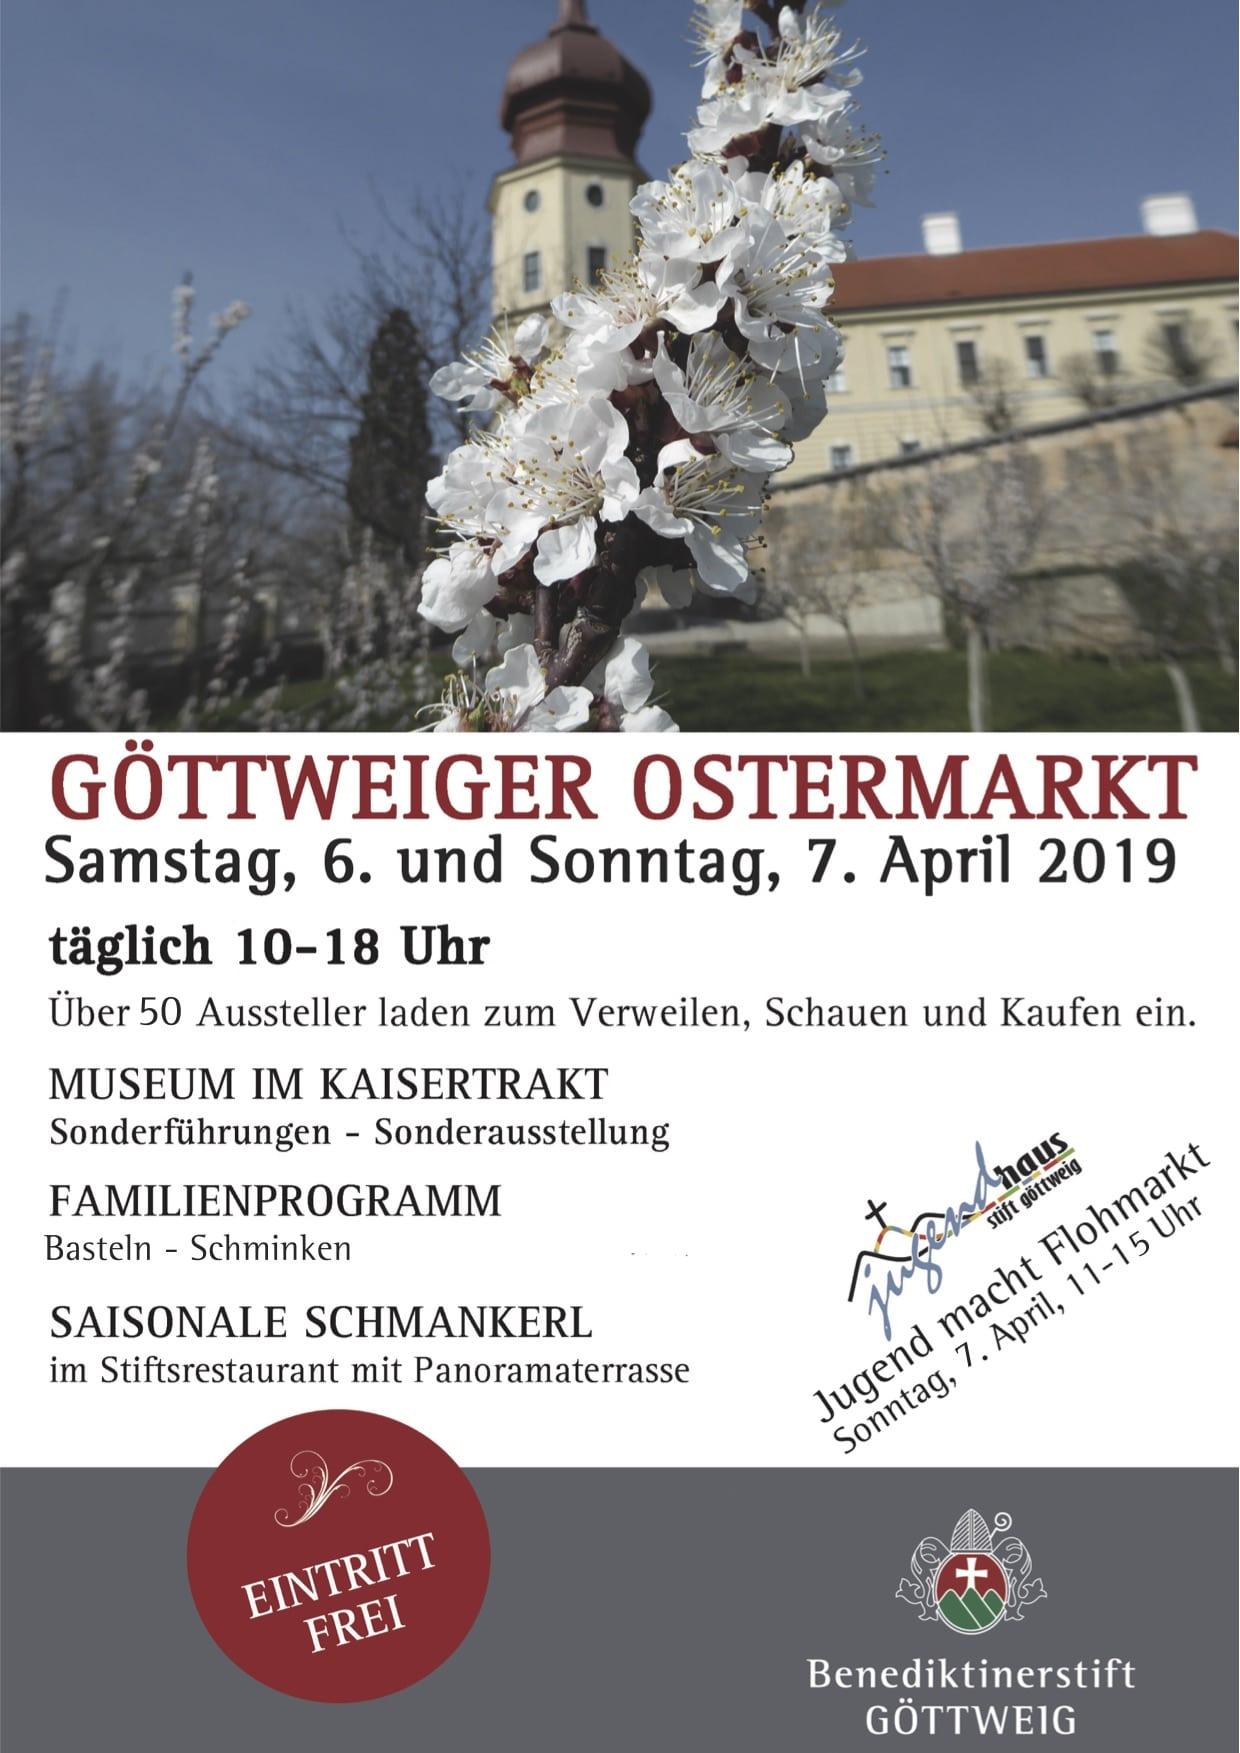 Fröhliches Wiedersehen in Stift Göttweig!